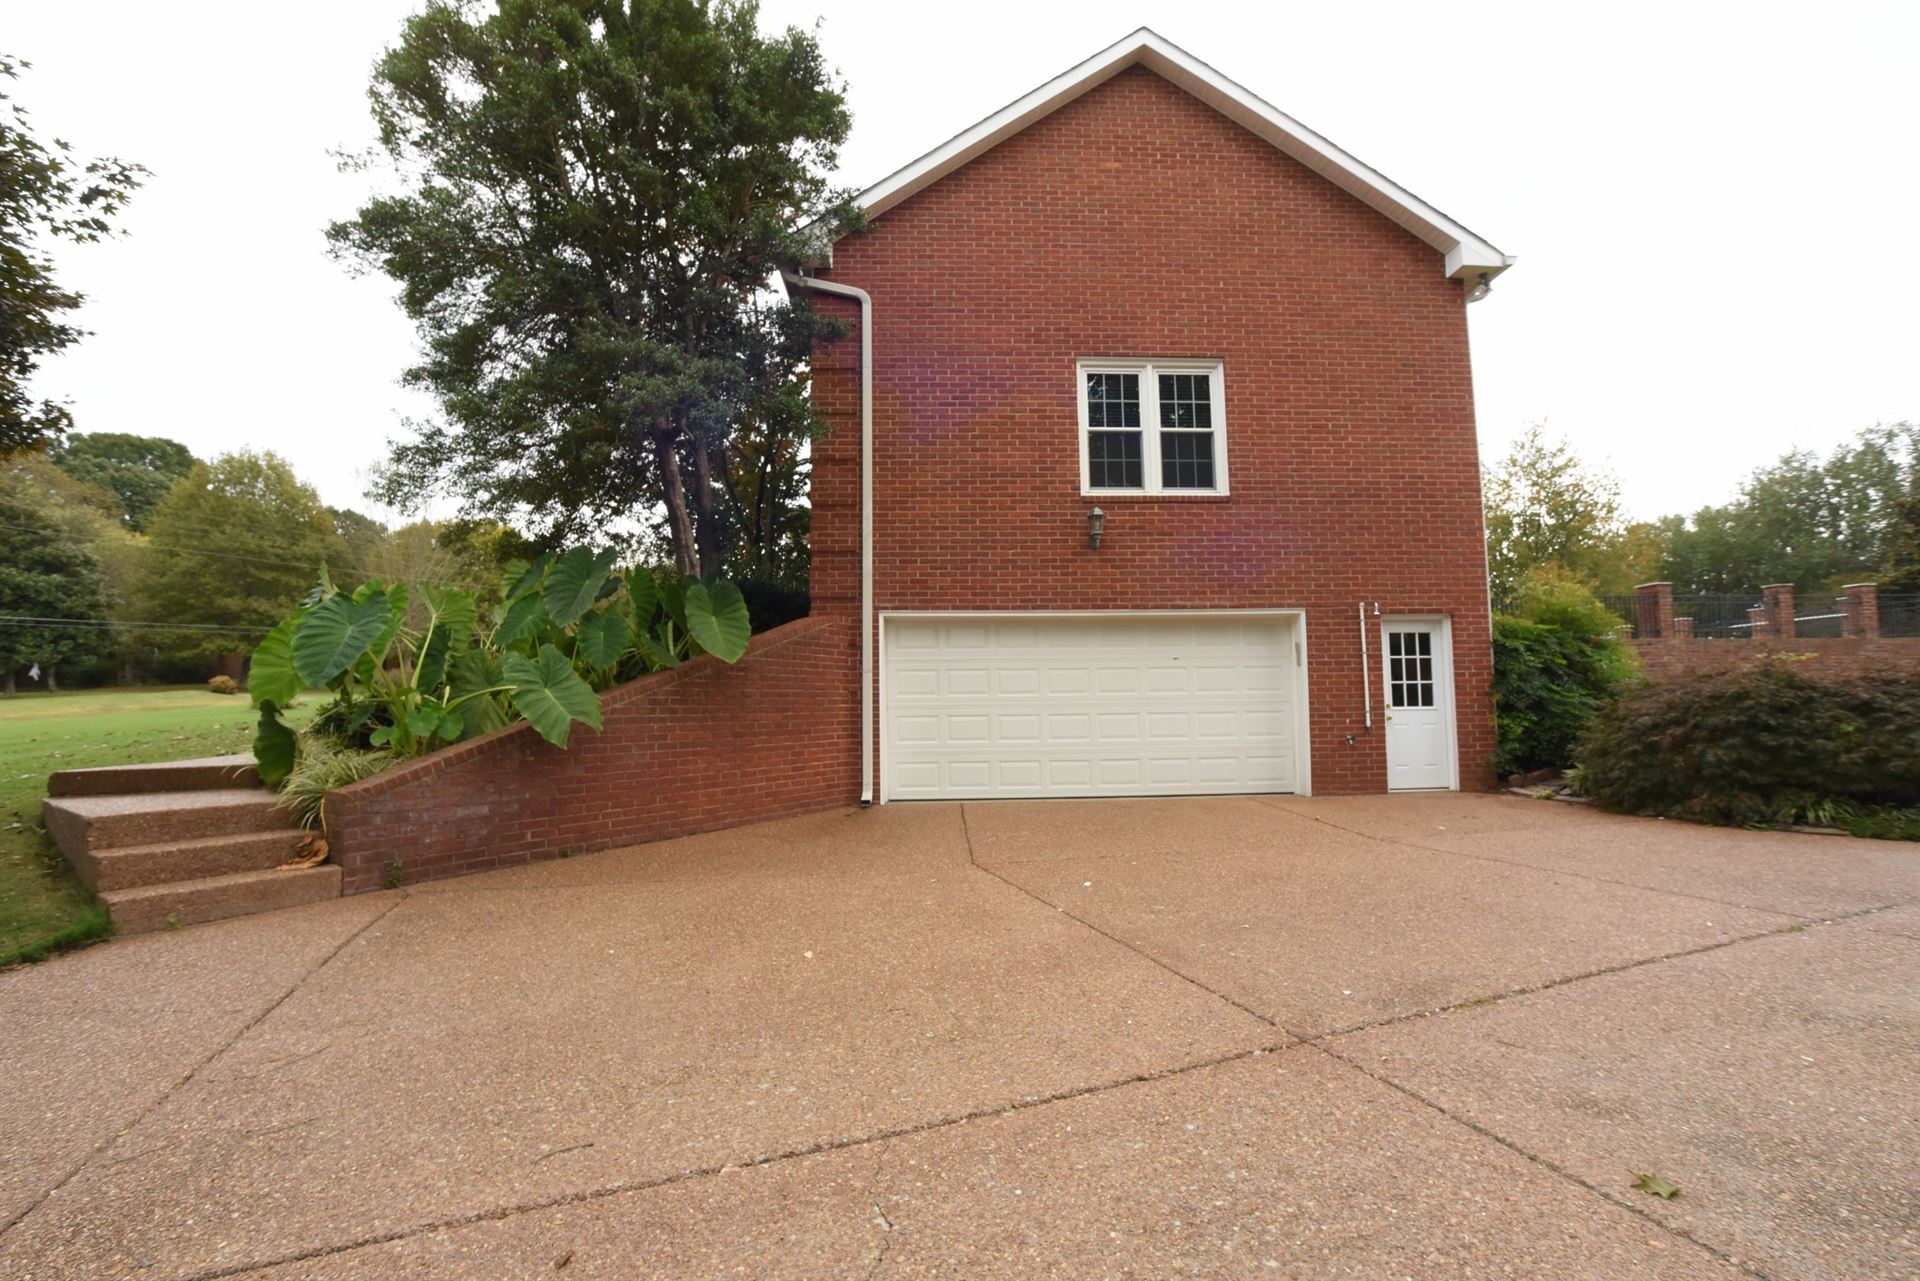 Photo of 1350 Ascot Ln, Franklin, TN 37064 (MLS # 2301242)